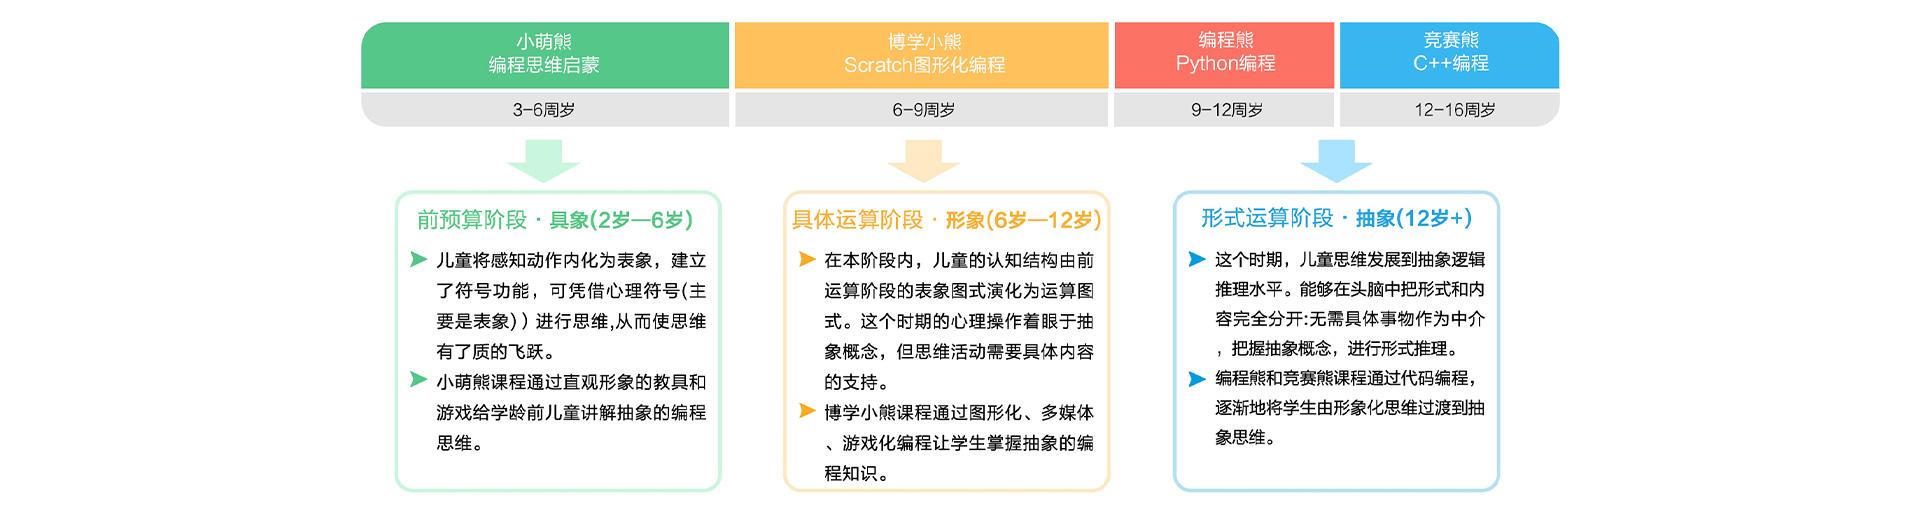 小科熊少儿编程详情_15